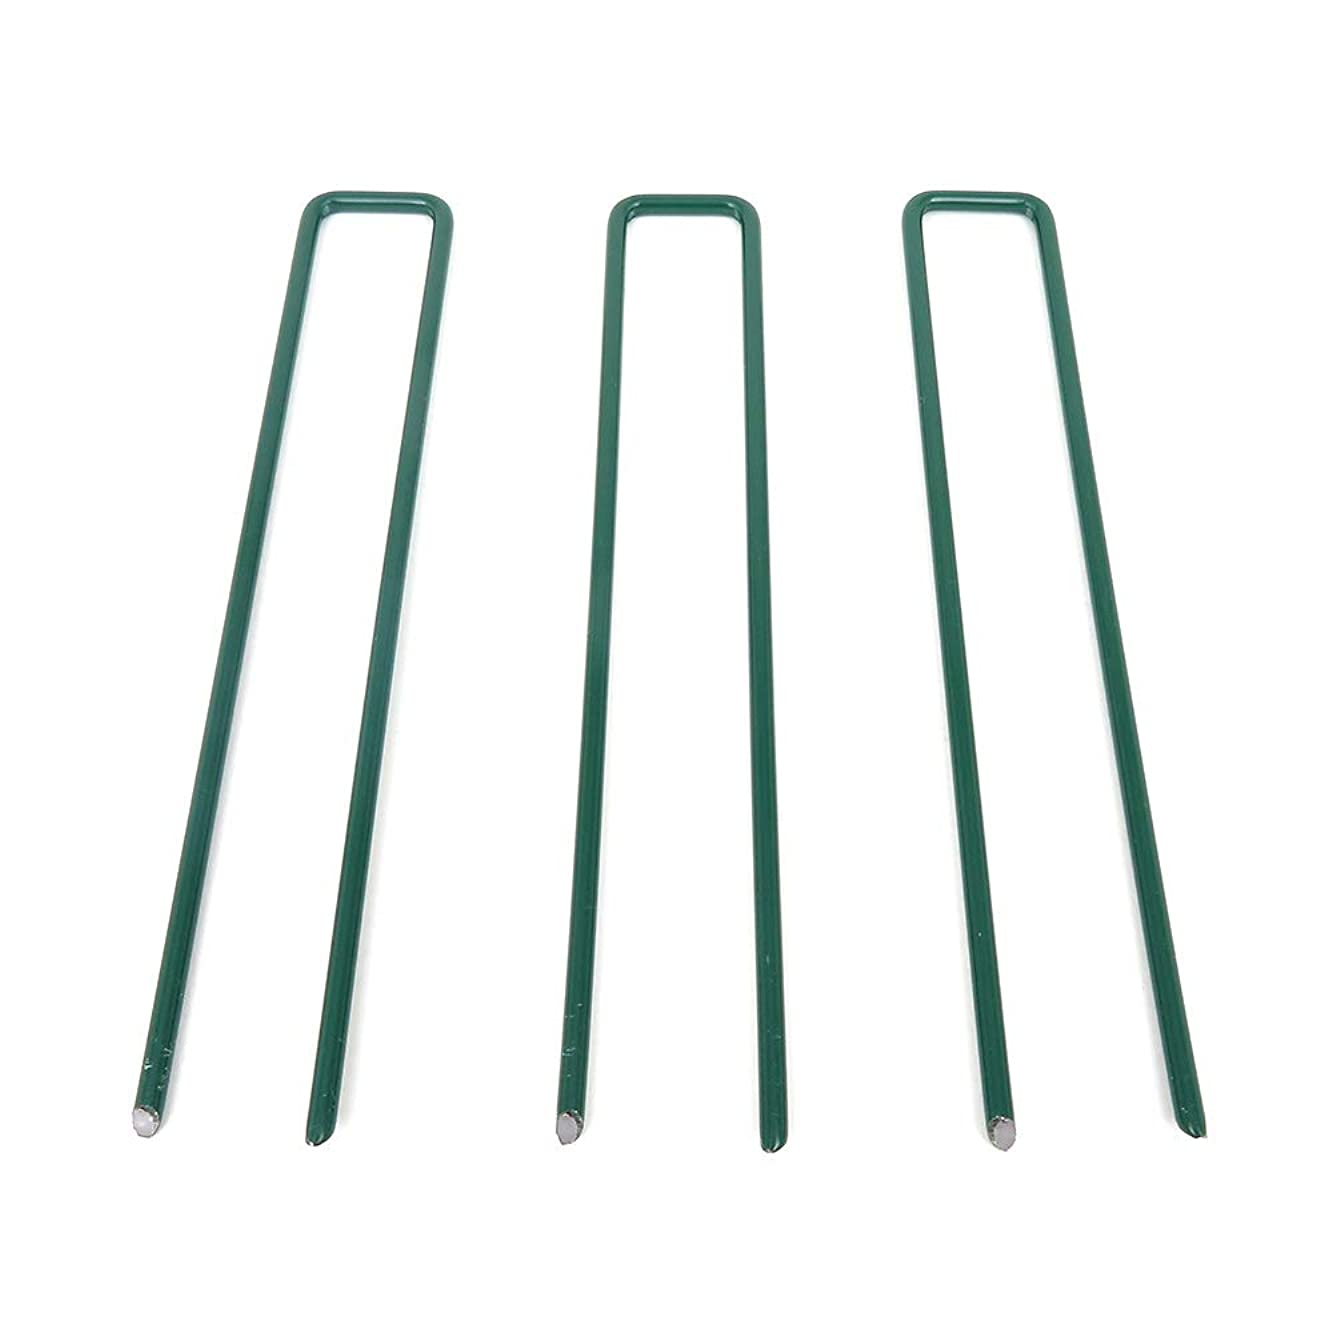 メンテナンス重要な魅惑する人工芝専用 ロングU字ピン50本 1袋 30mm×180mm JQ5 《メーカー直送品》